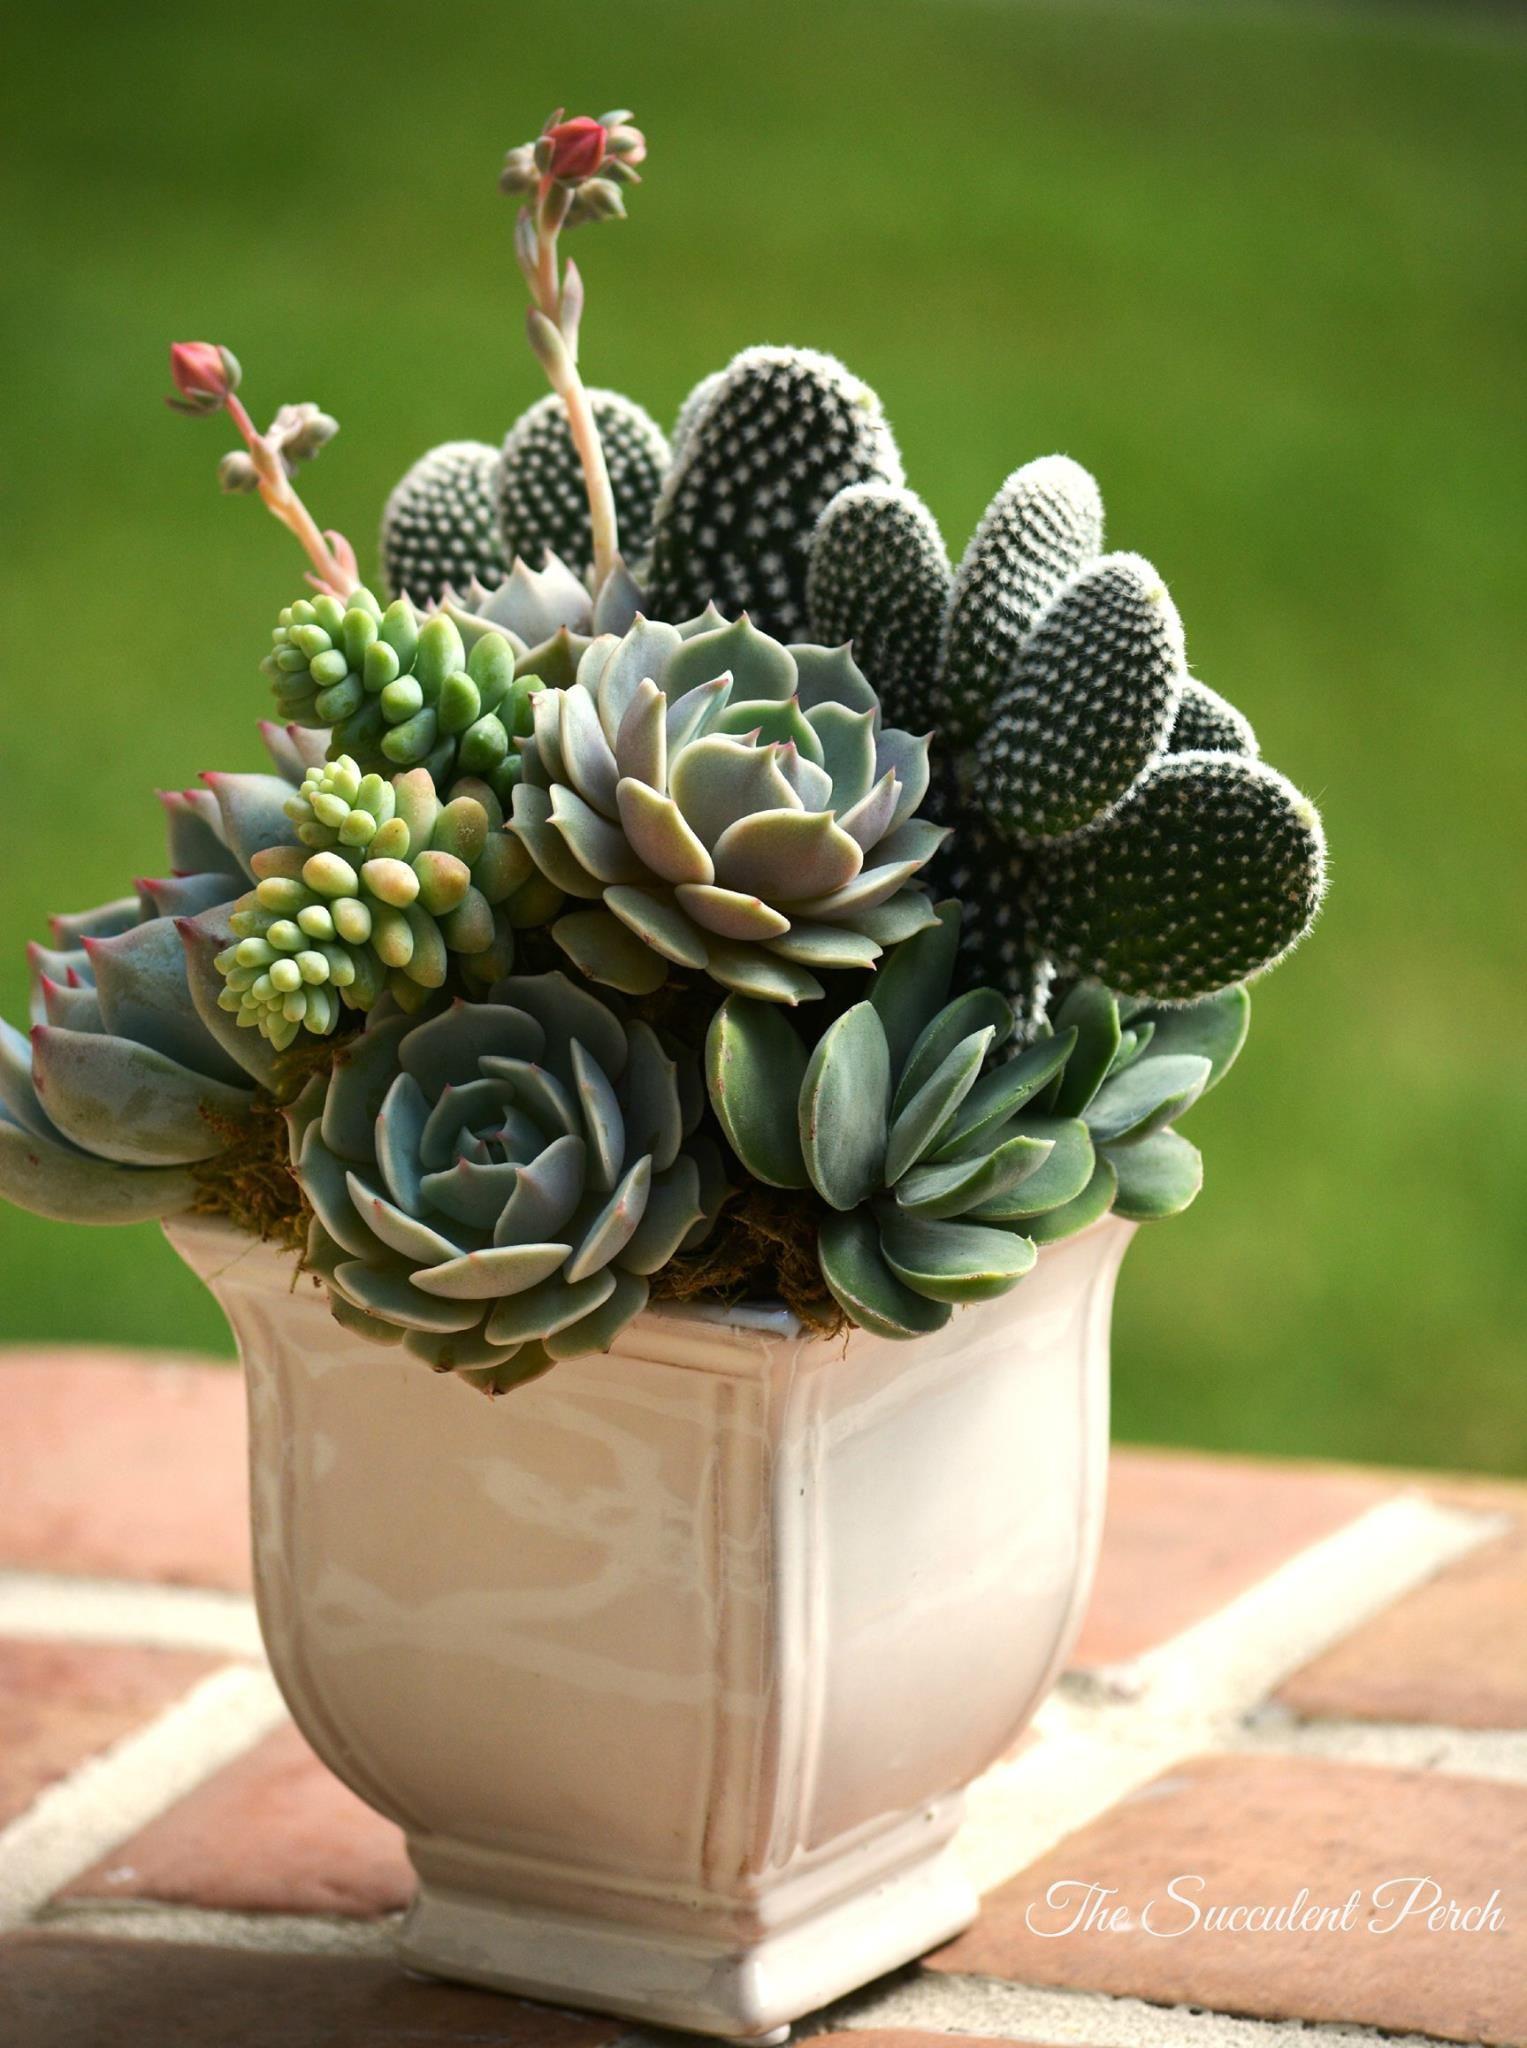 Arreglo de cactus y suculentas huerta y jard n for Curso cactus y suculentas